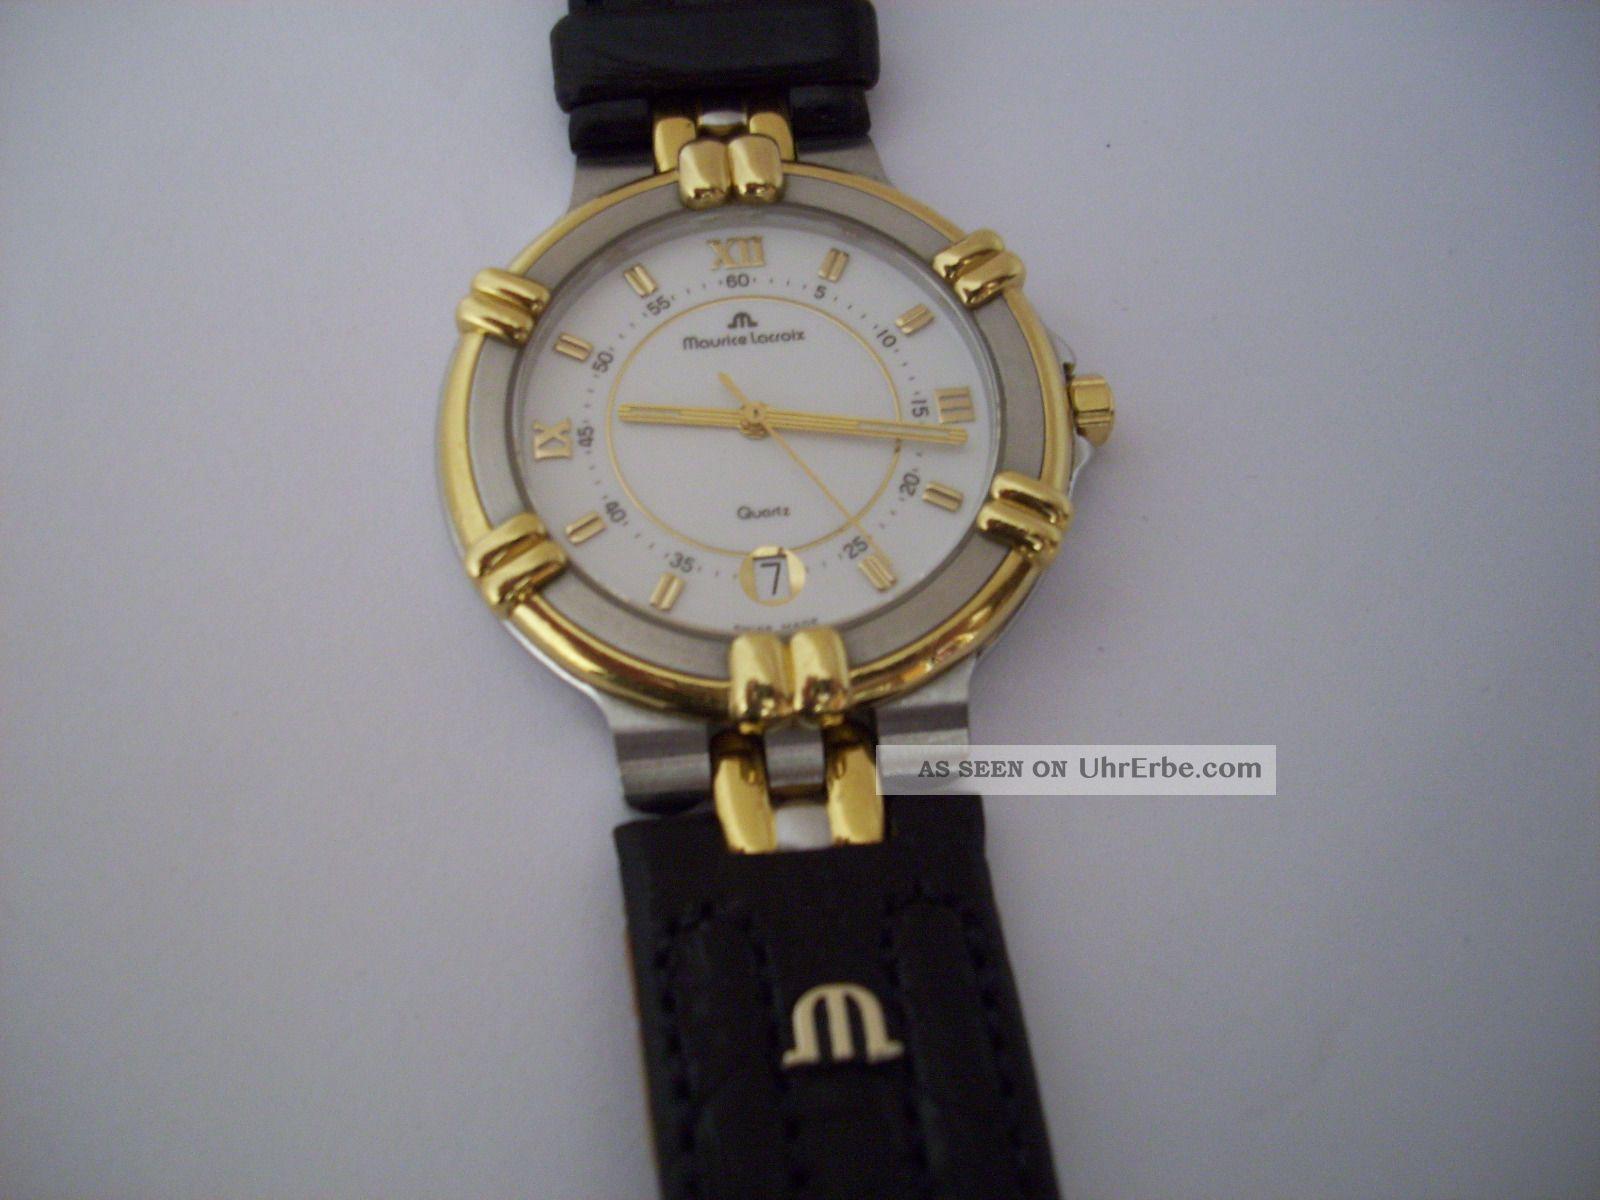 Damen/herren Armbanduhr Maurice Lacroix Calypso - Quarz Armbanduhren Bild